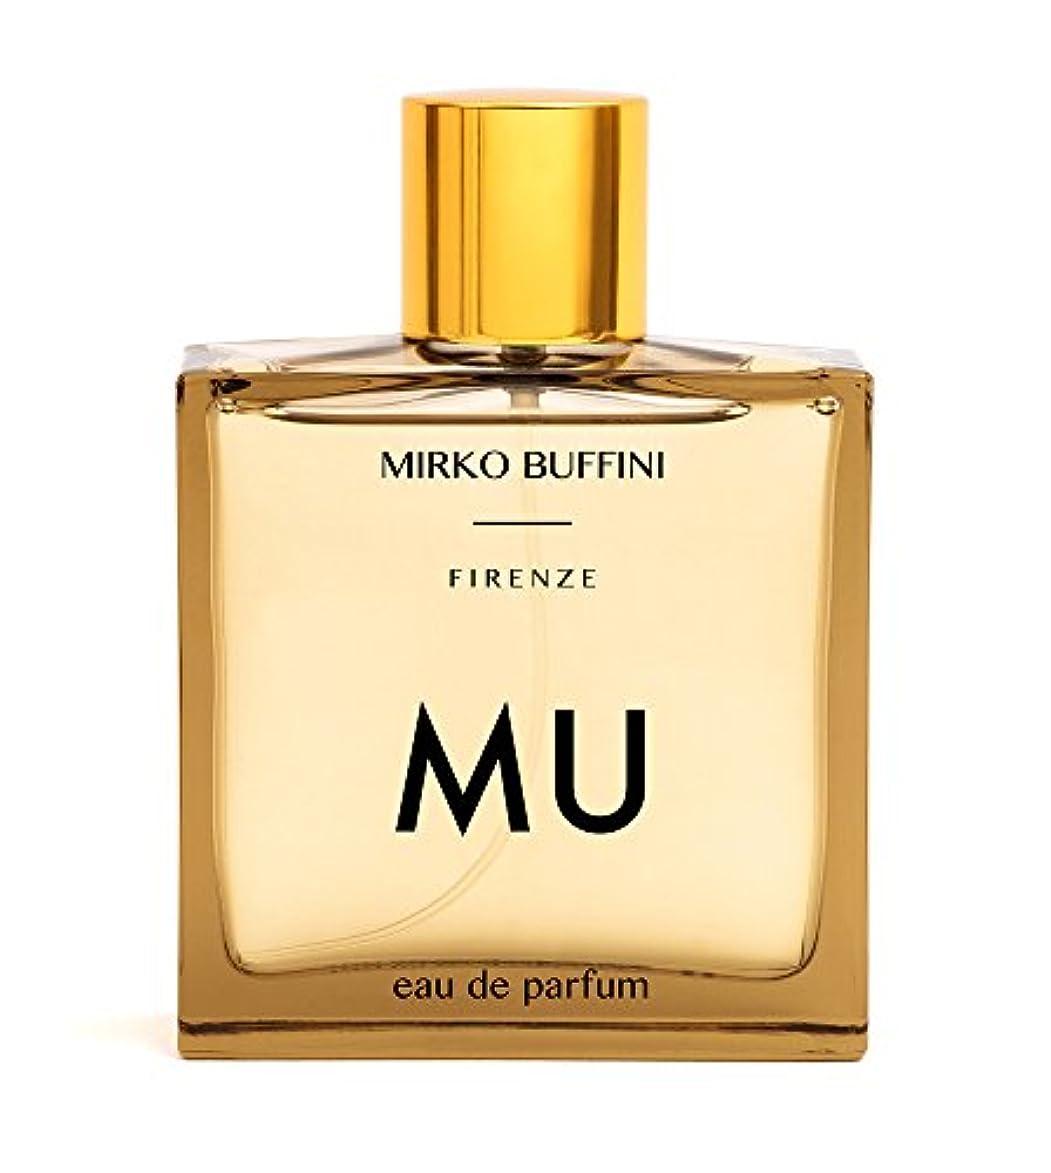 ポルノバルコニー見える[ミルコ ブッフィーニ フィレンツェ]MIRKO BUFFINI FIRENZE eau de parfum(オードパルファム) MU (ム) 30ml【正規取扱店】